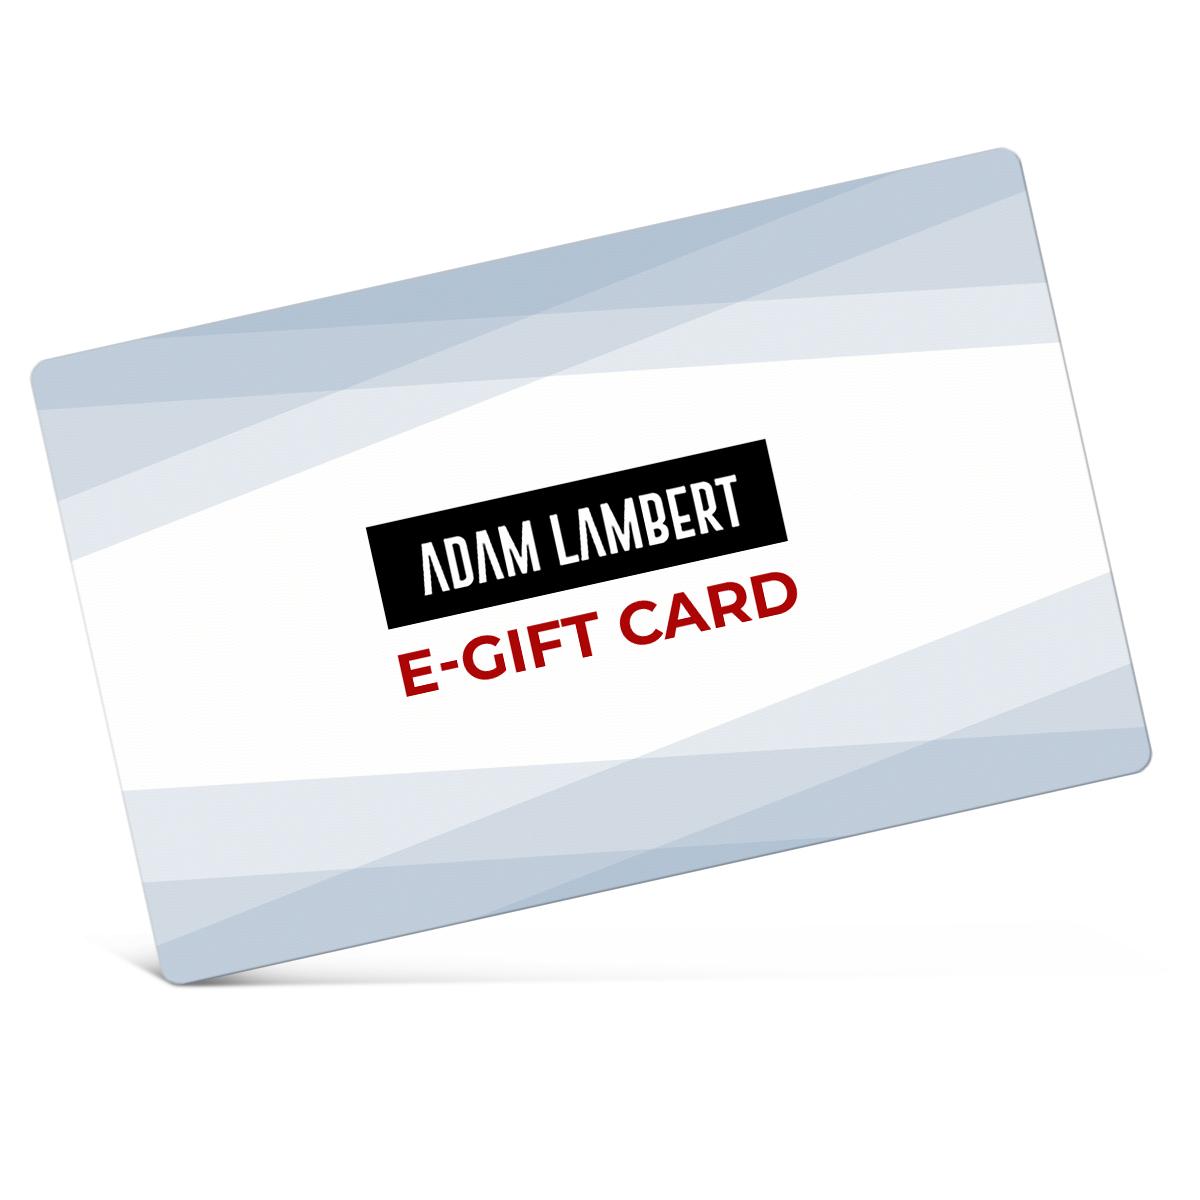 Adam Lambert eGift Card